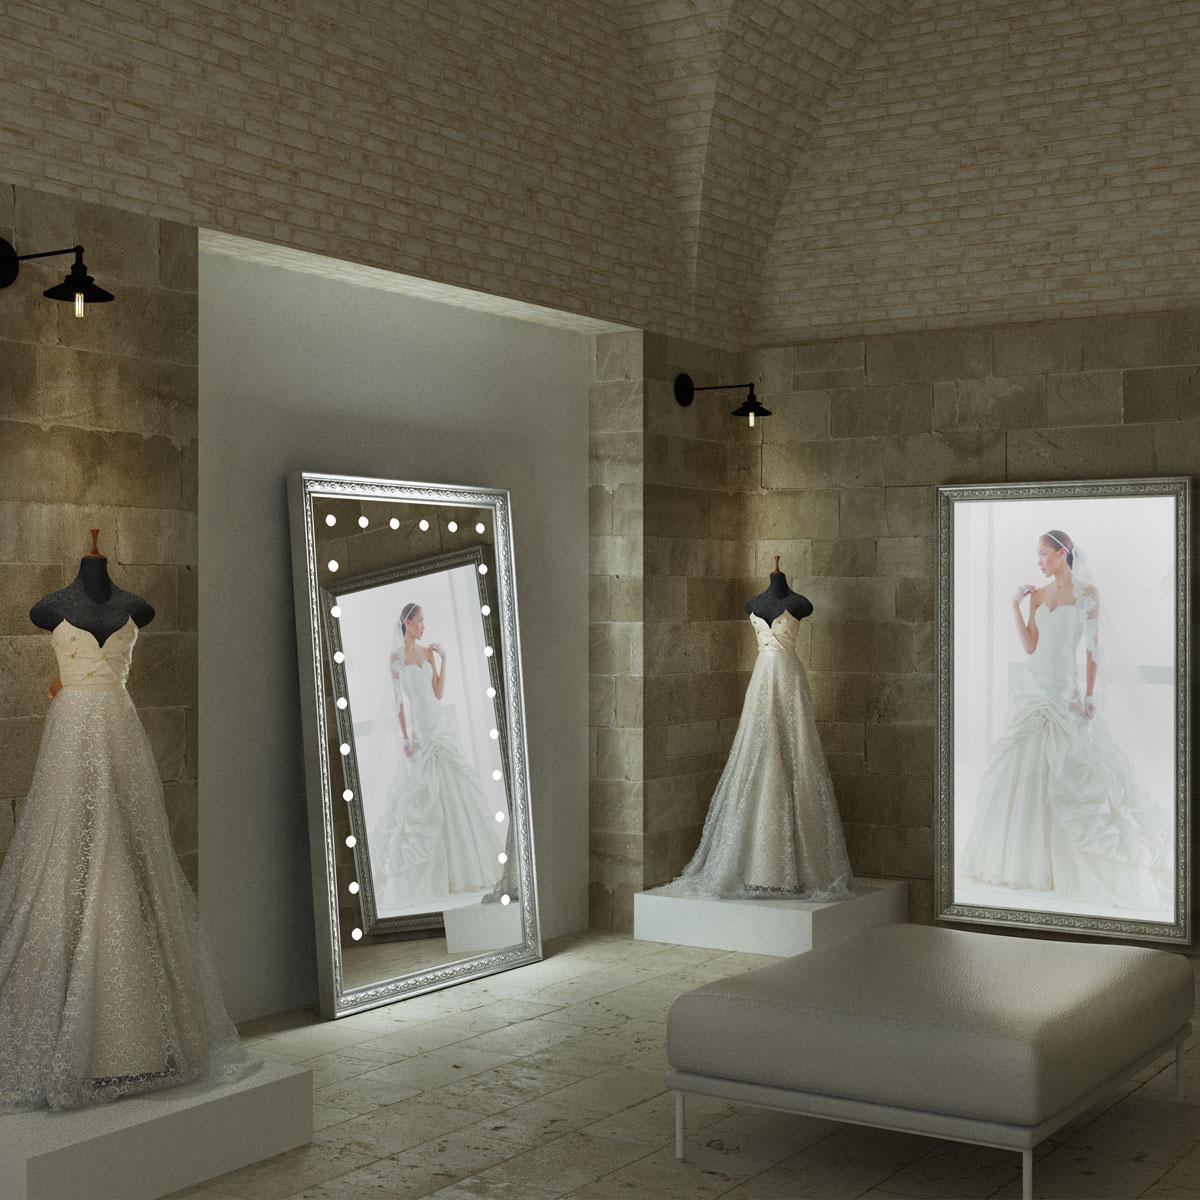 Arredamento per negozi e nuove tendenze luxury good for Nuove tendenze arredamento